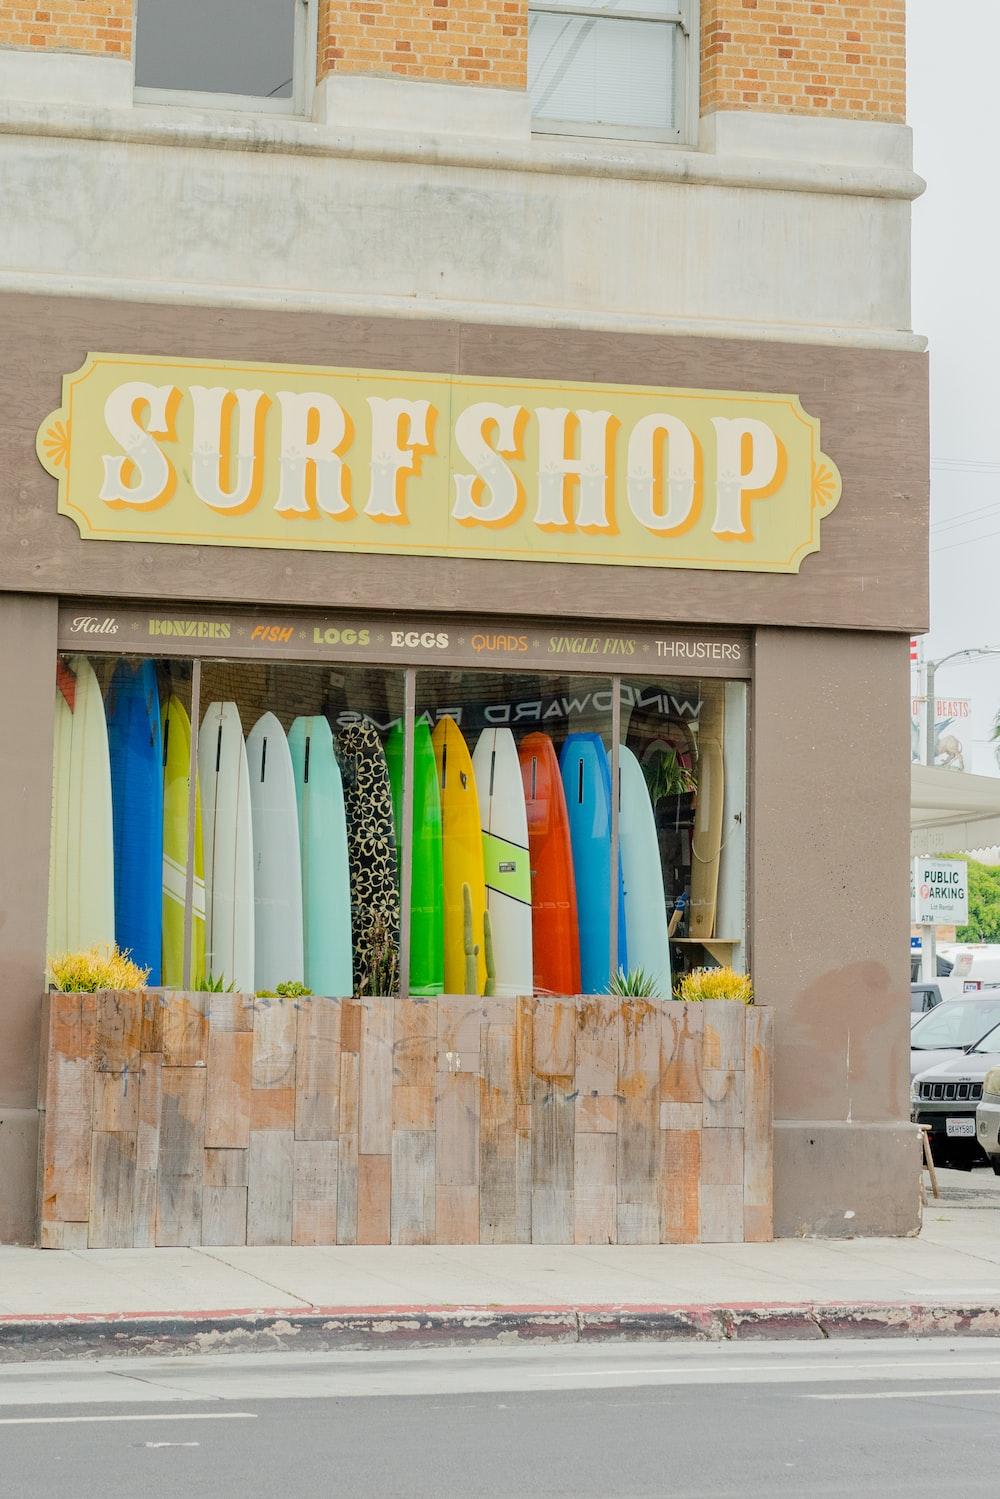 Surf Shop store